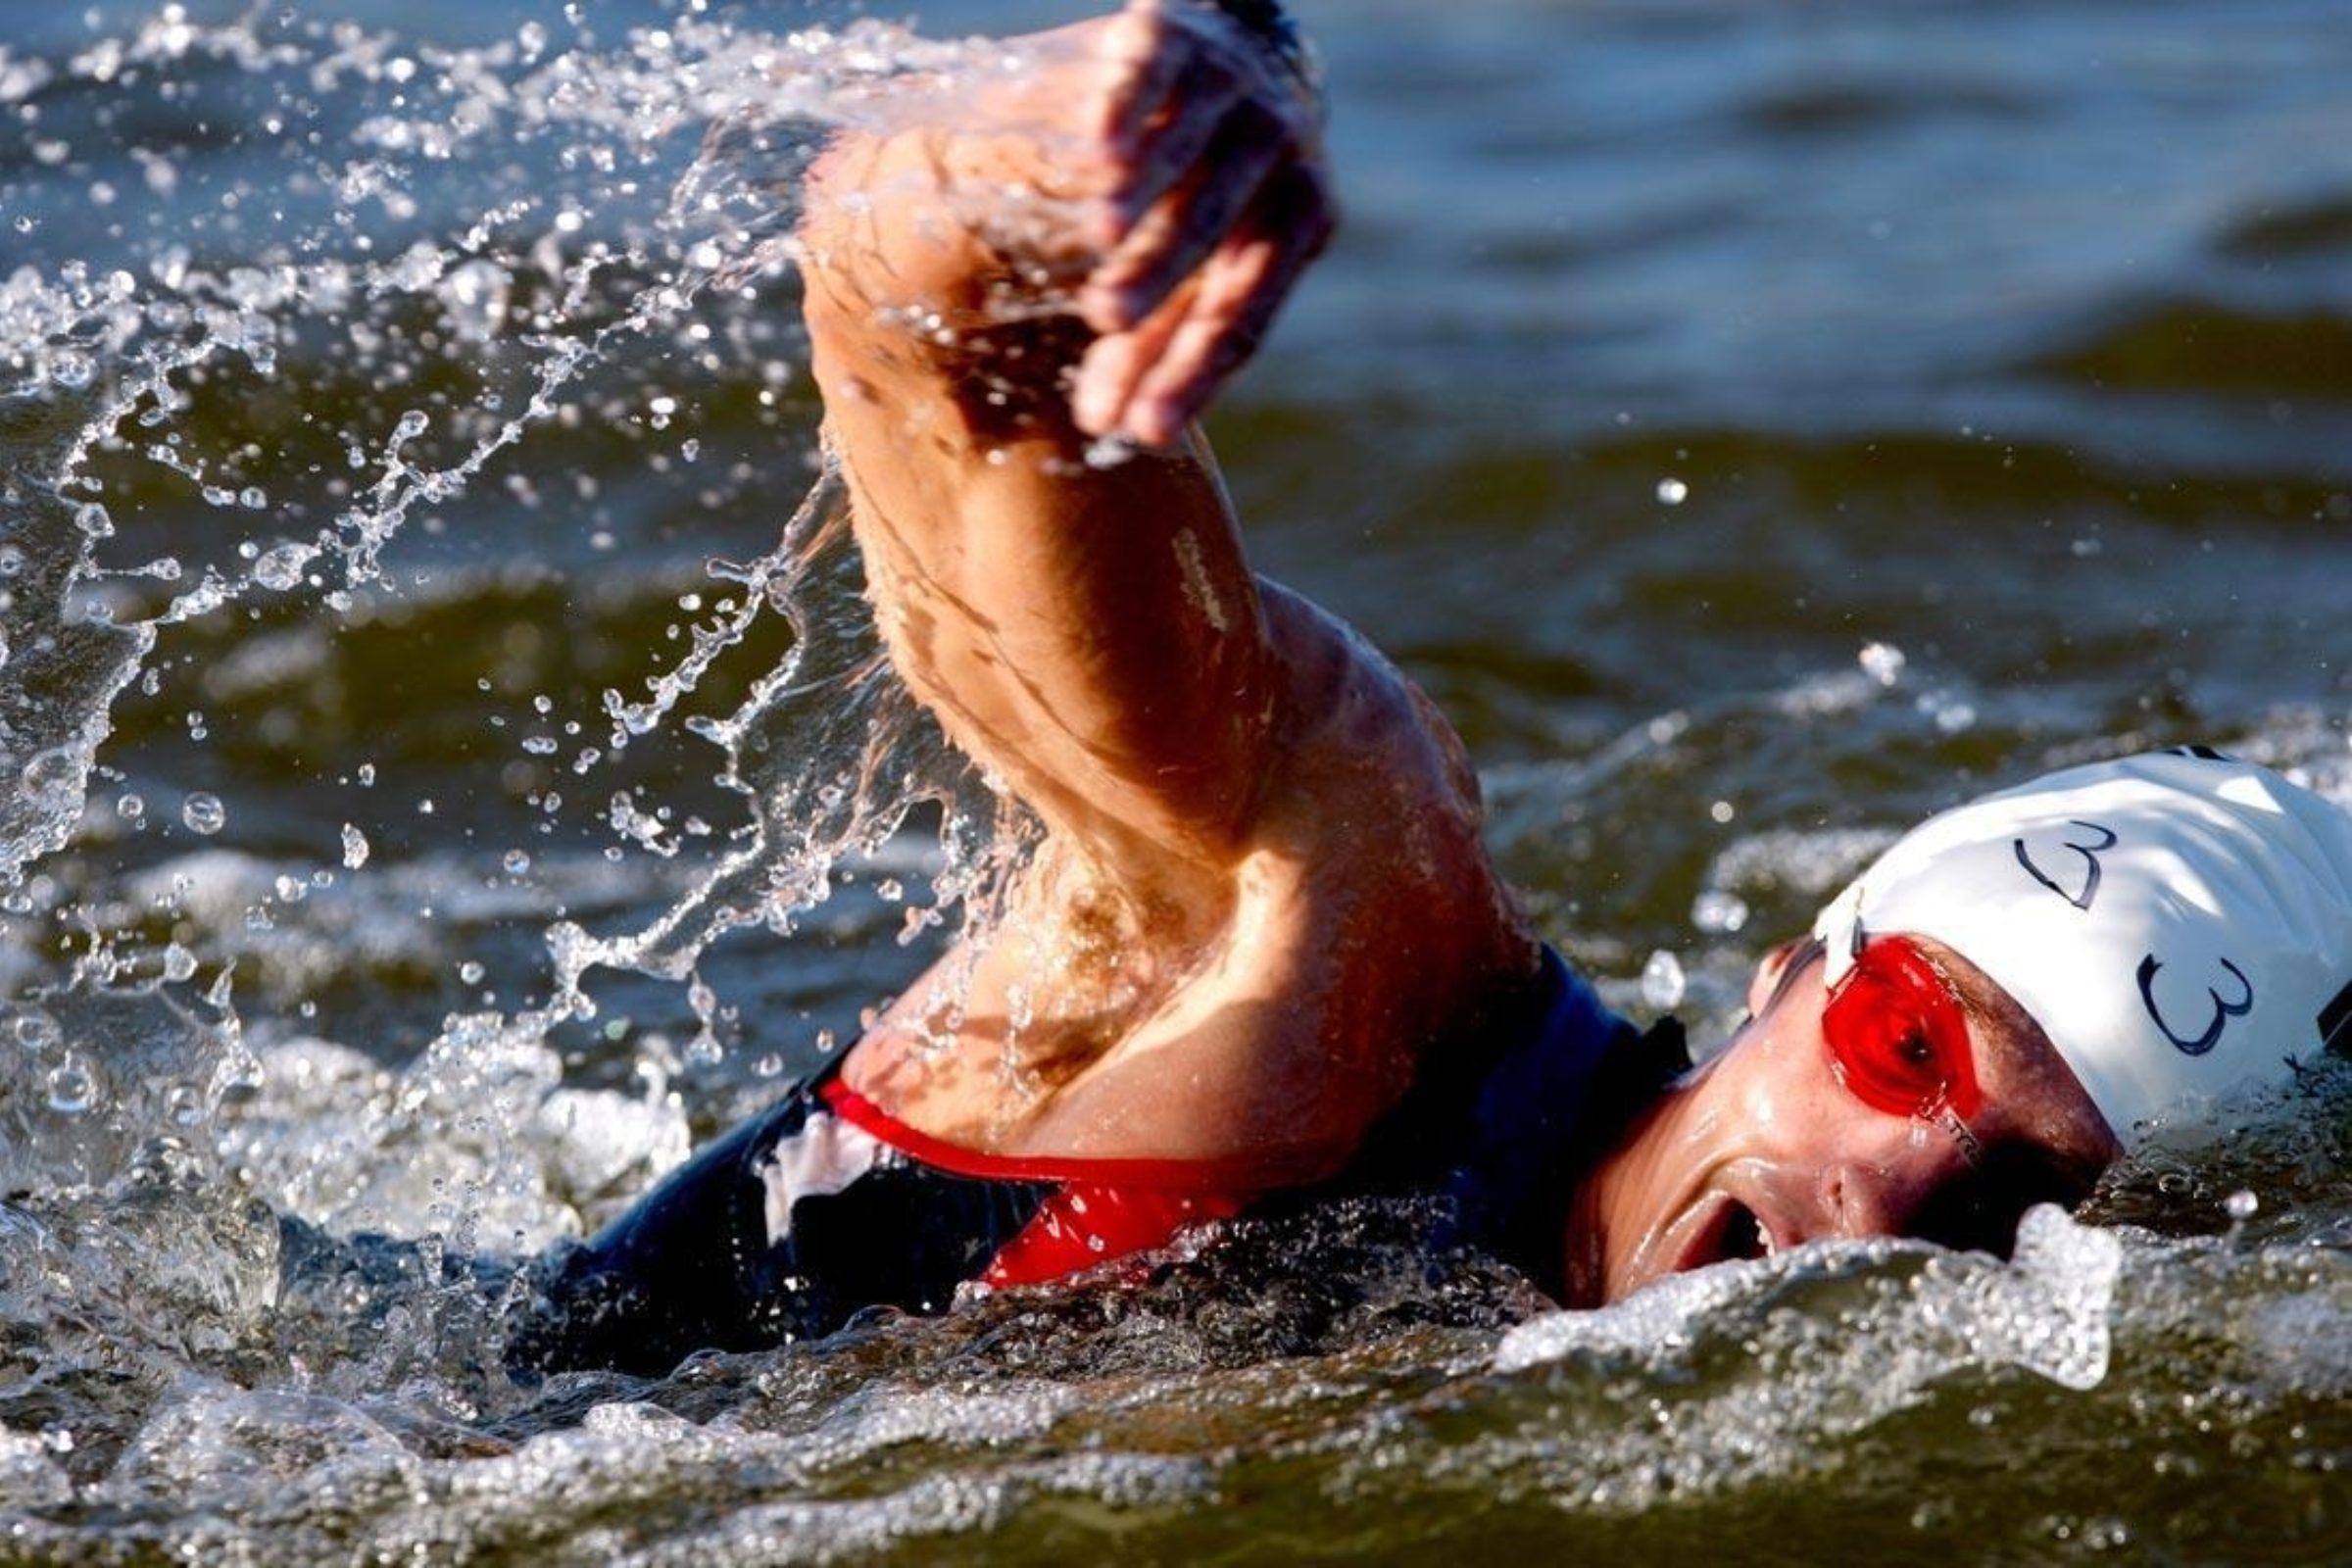 Triathlon 15 2 35hsr5k6kc